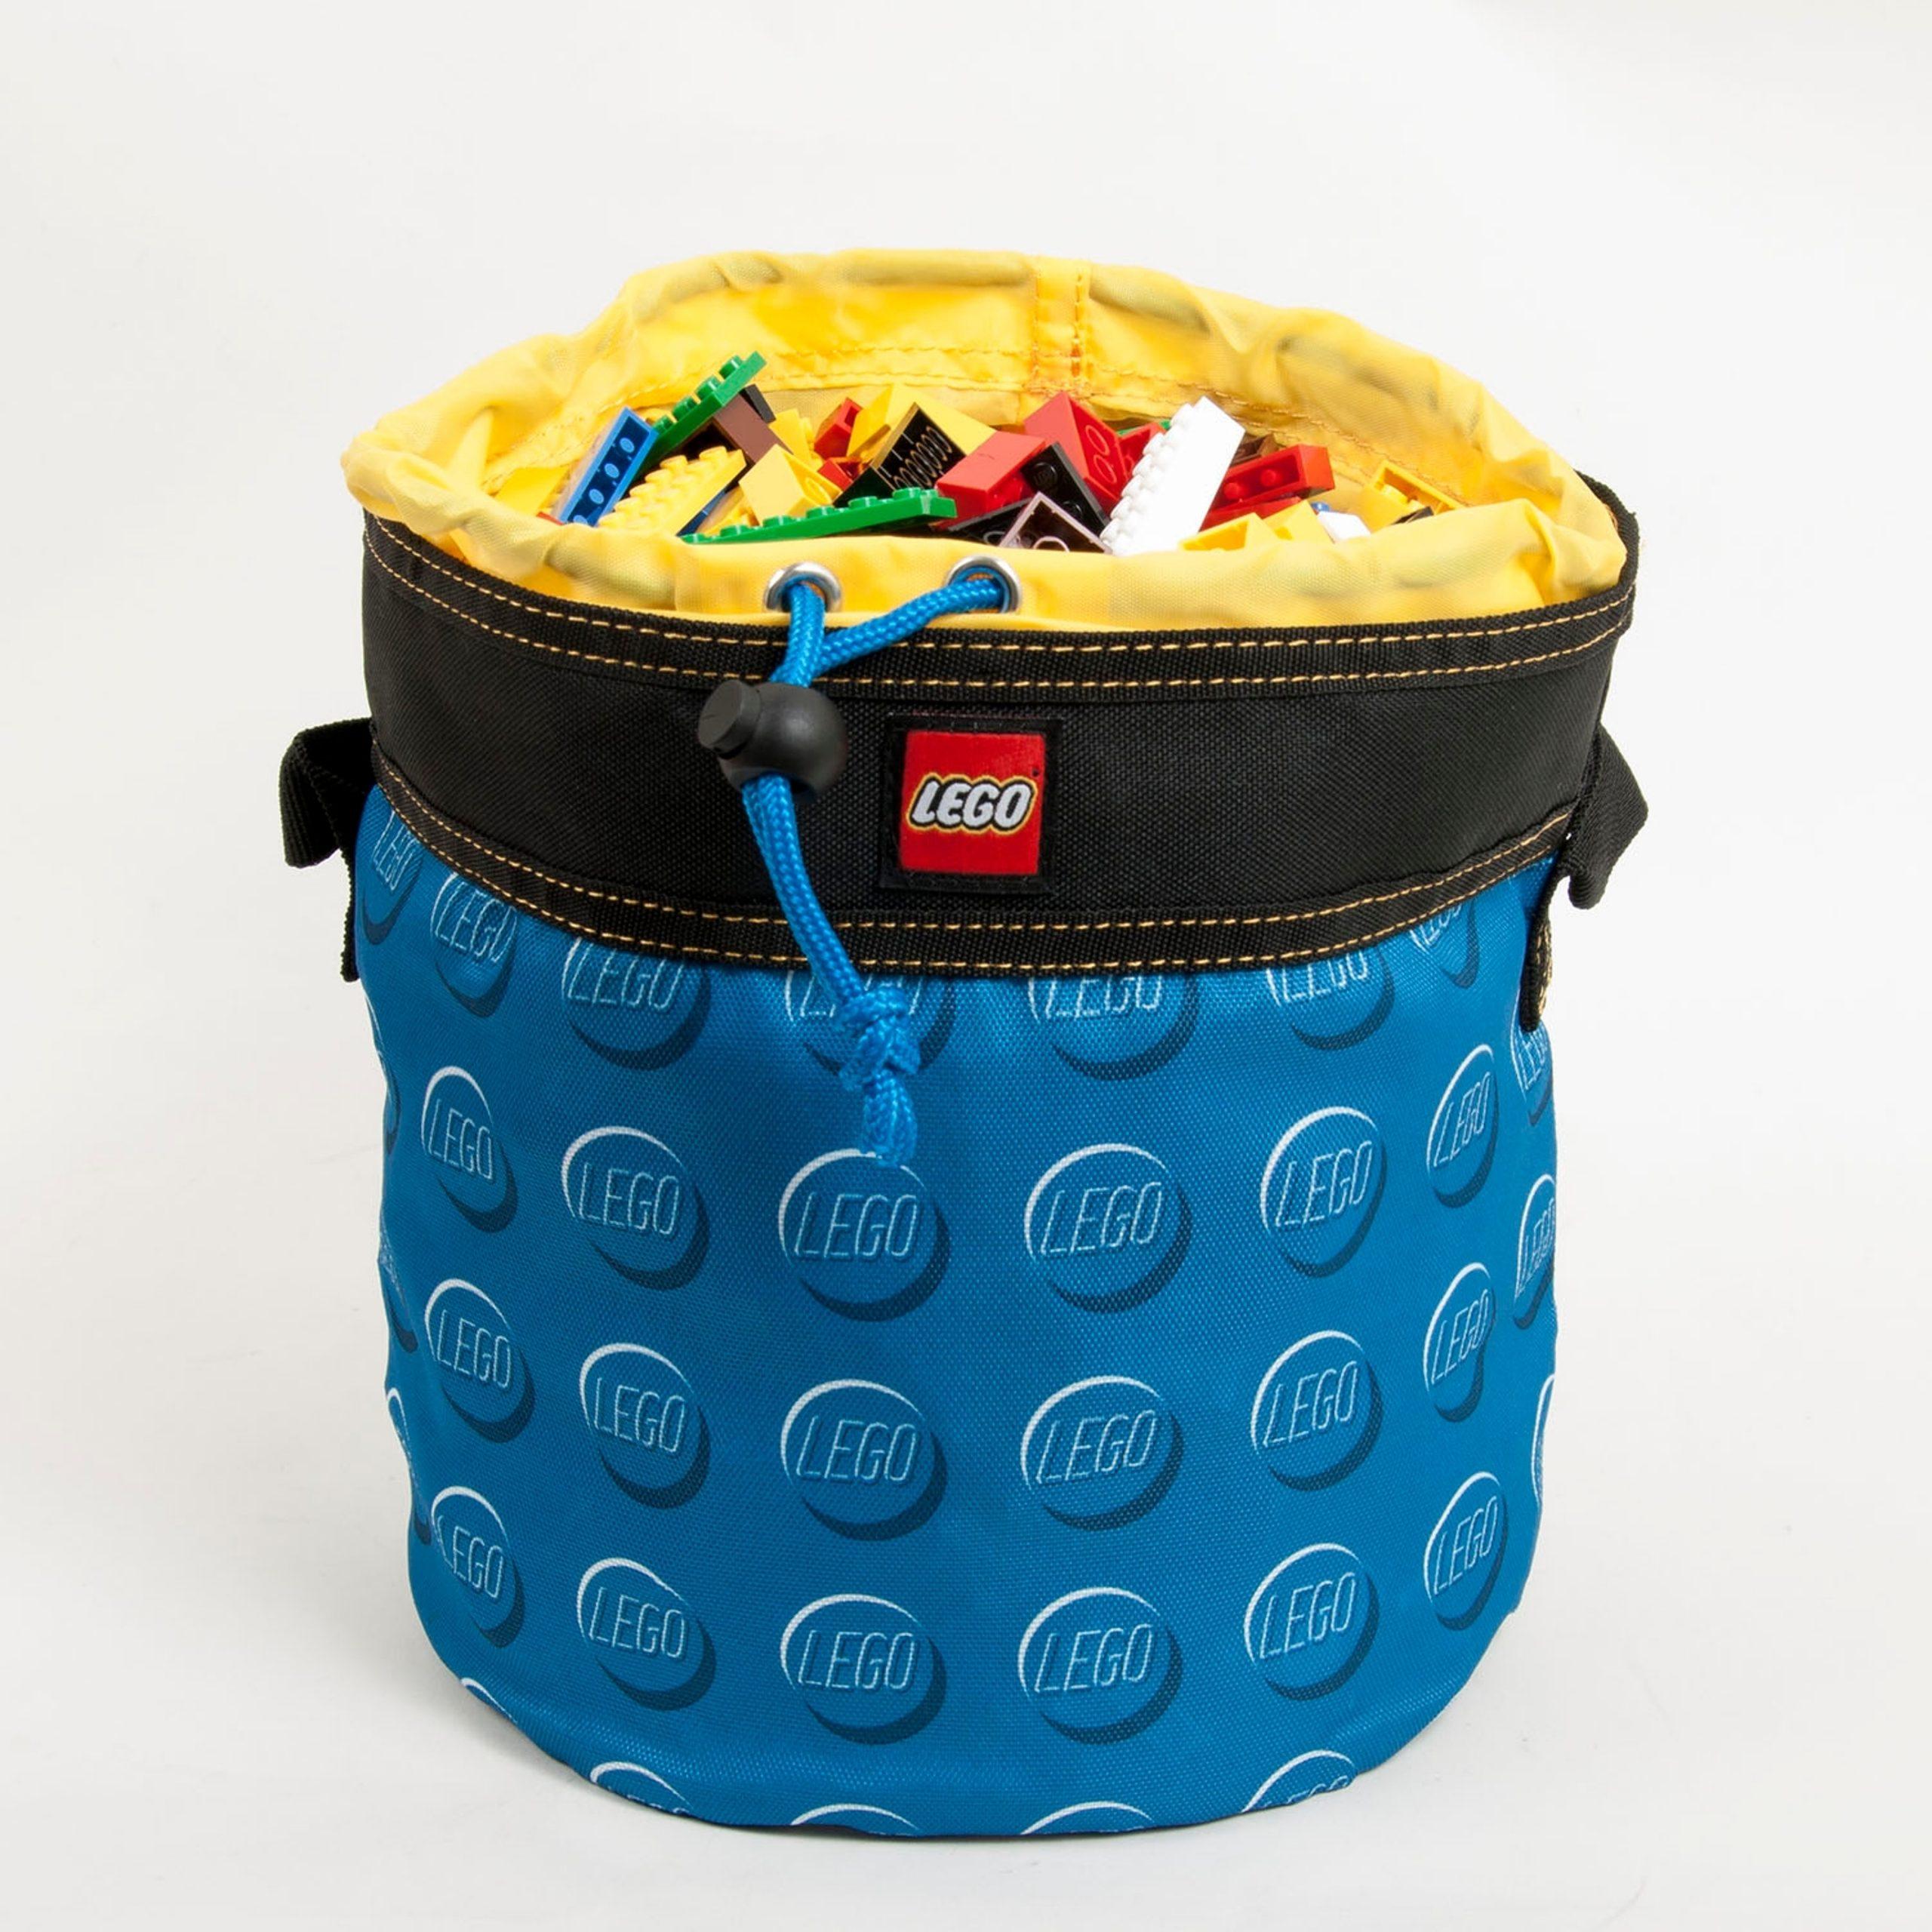 lego 5005352 blue cinch bucket scaled